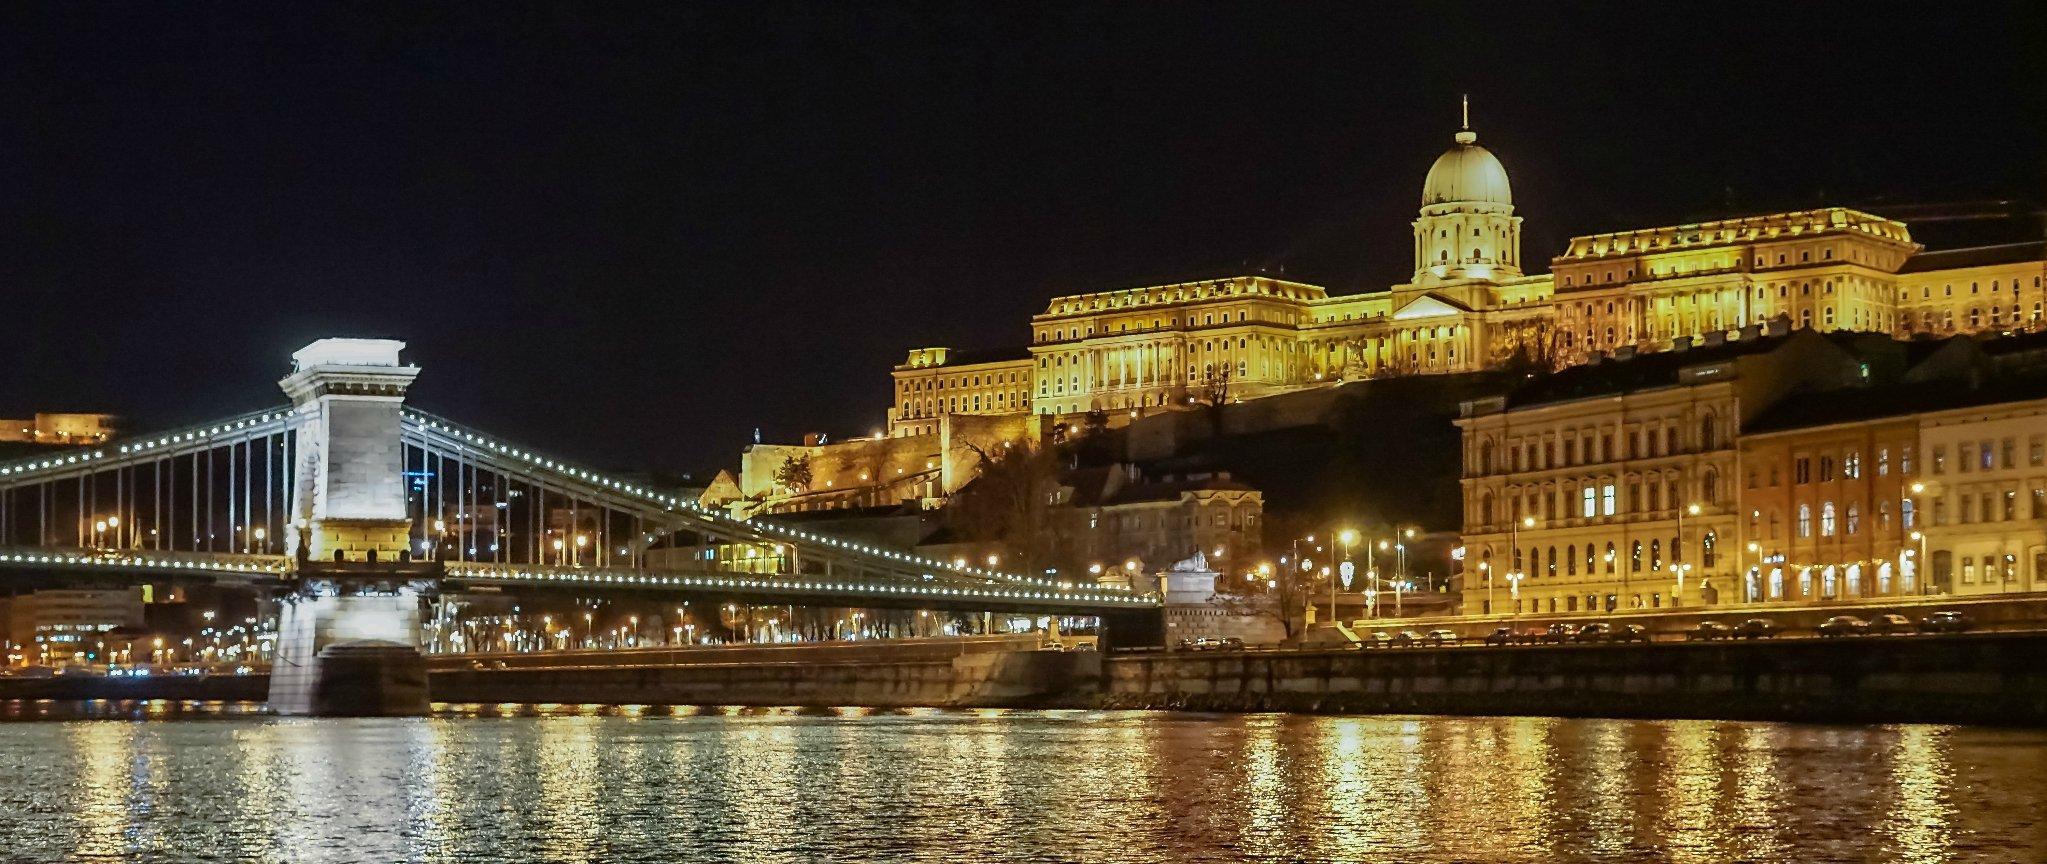 布达佩斯高端精致游轮两日游